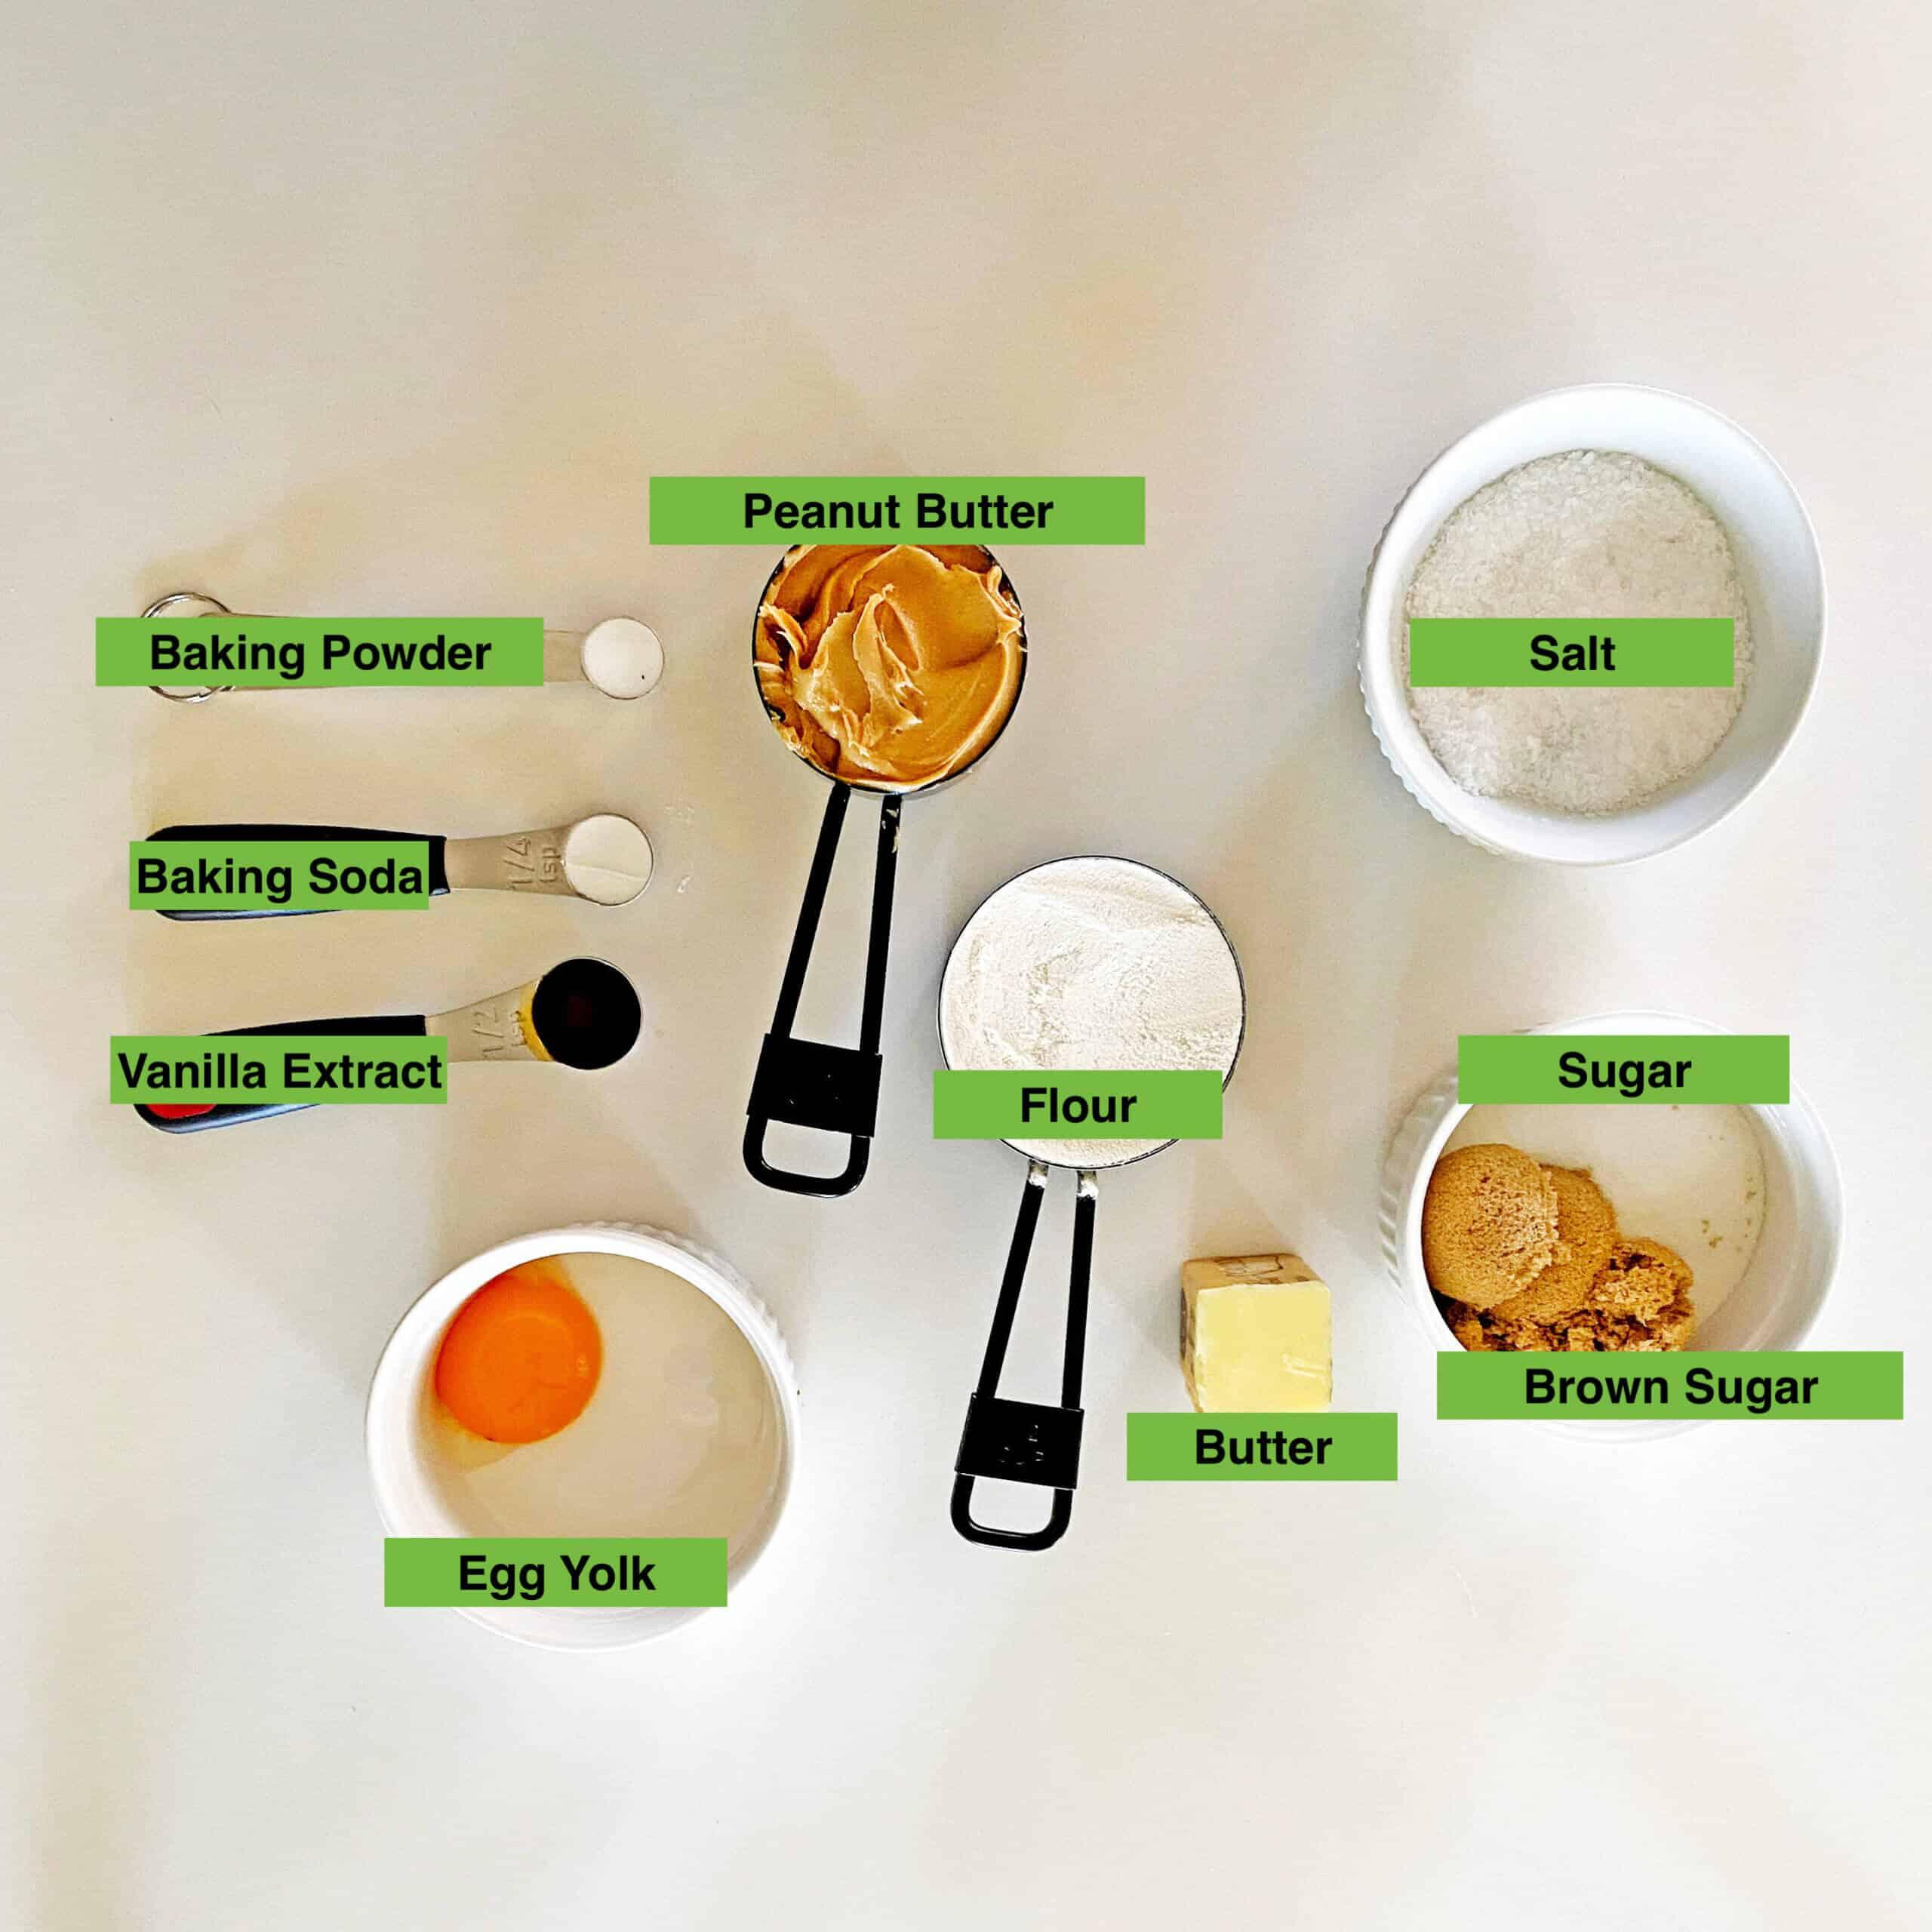 Ingredients used in making the cookies